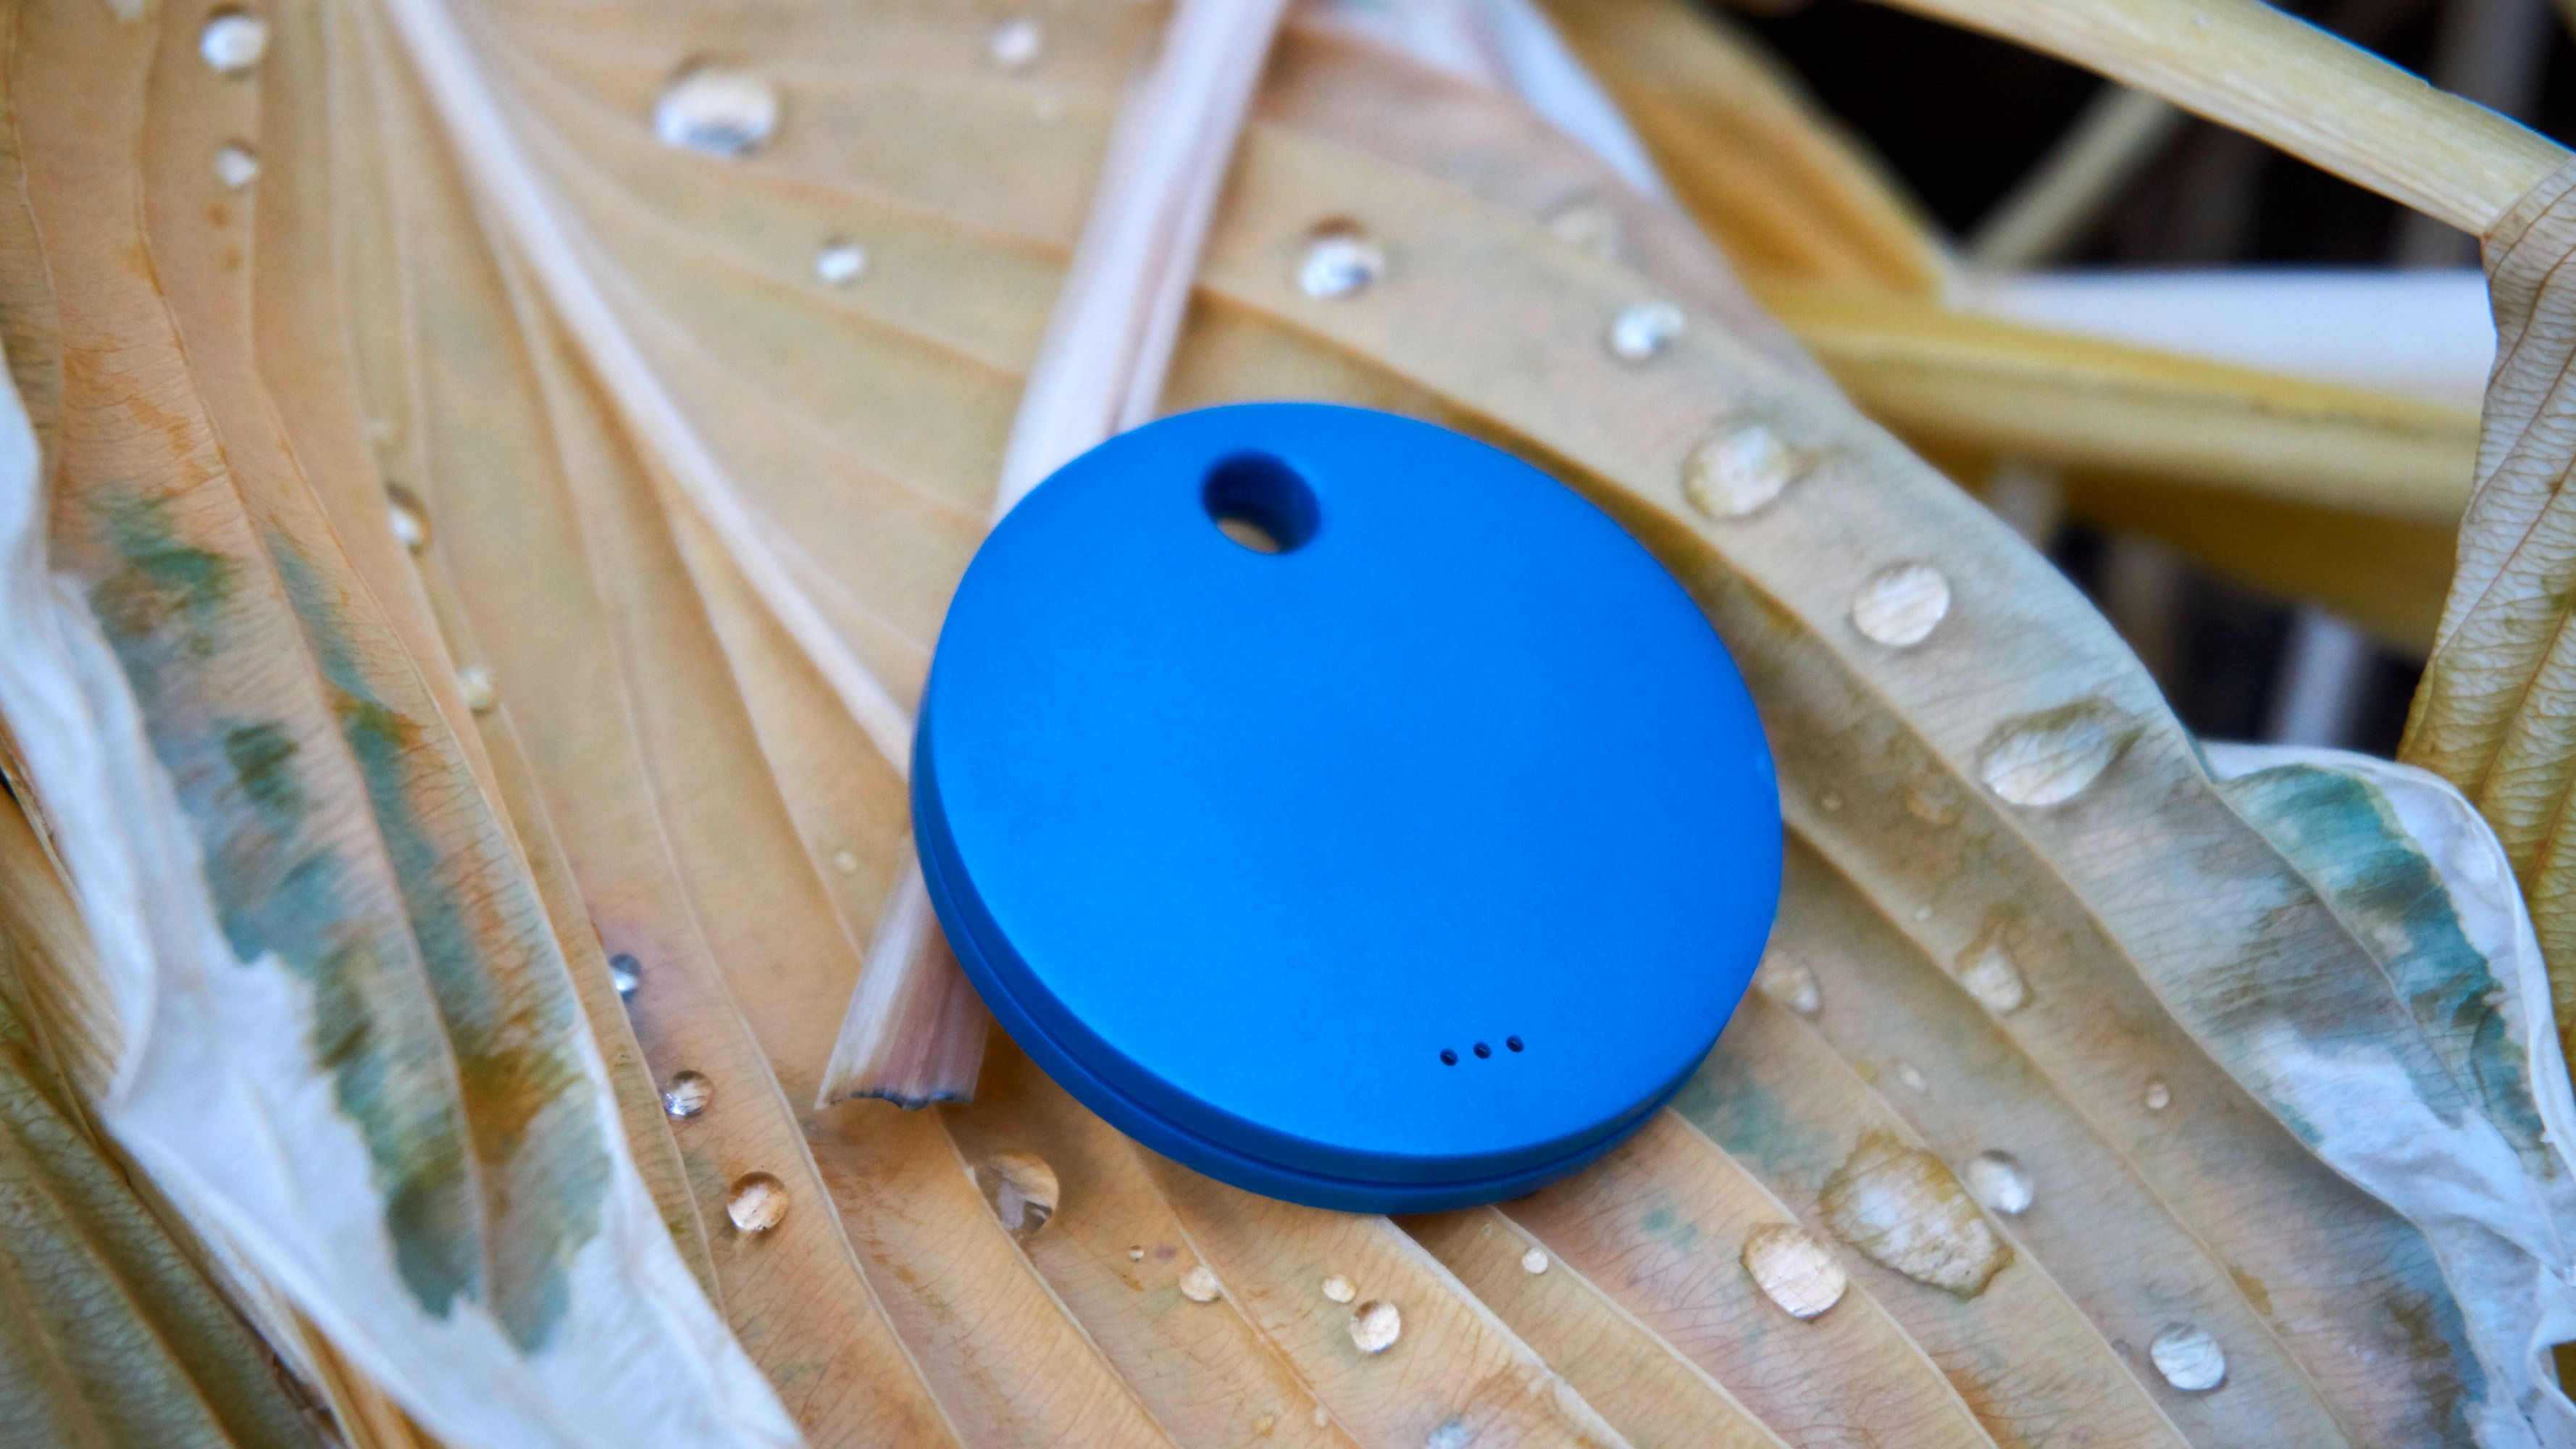 Vanntett, endelig! Den lille – men kraftige – høyttaleren sitter bakpå brikken, i form av tre hull.